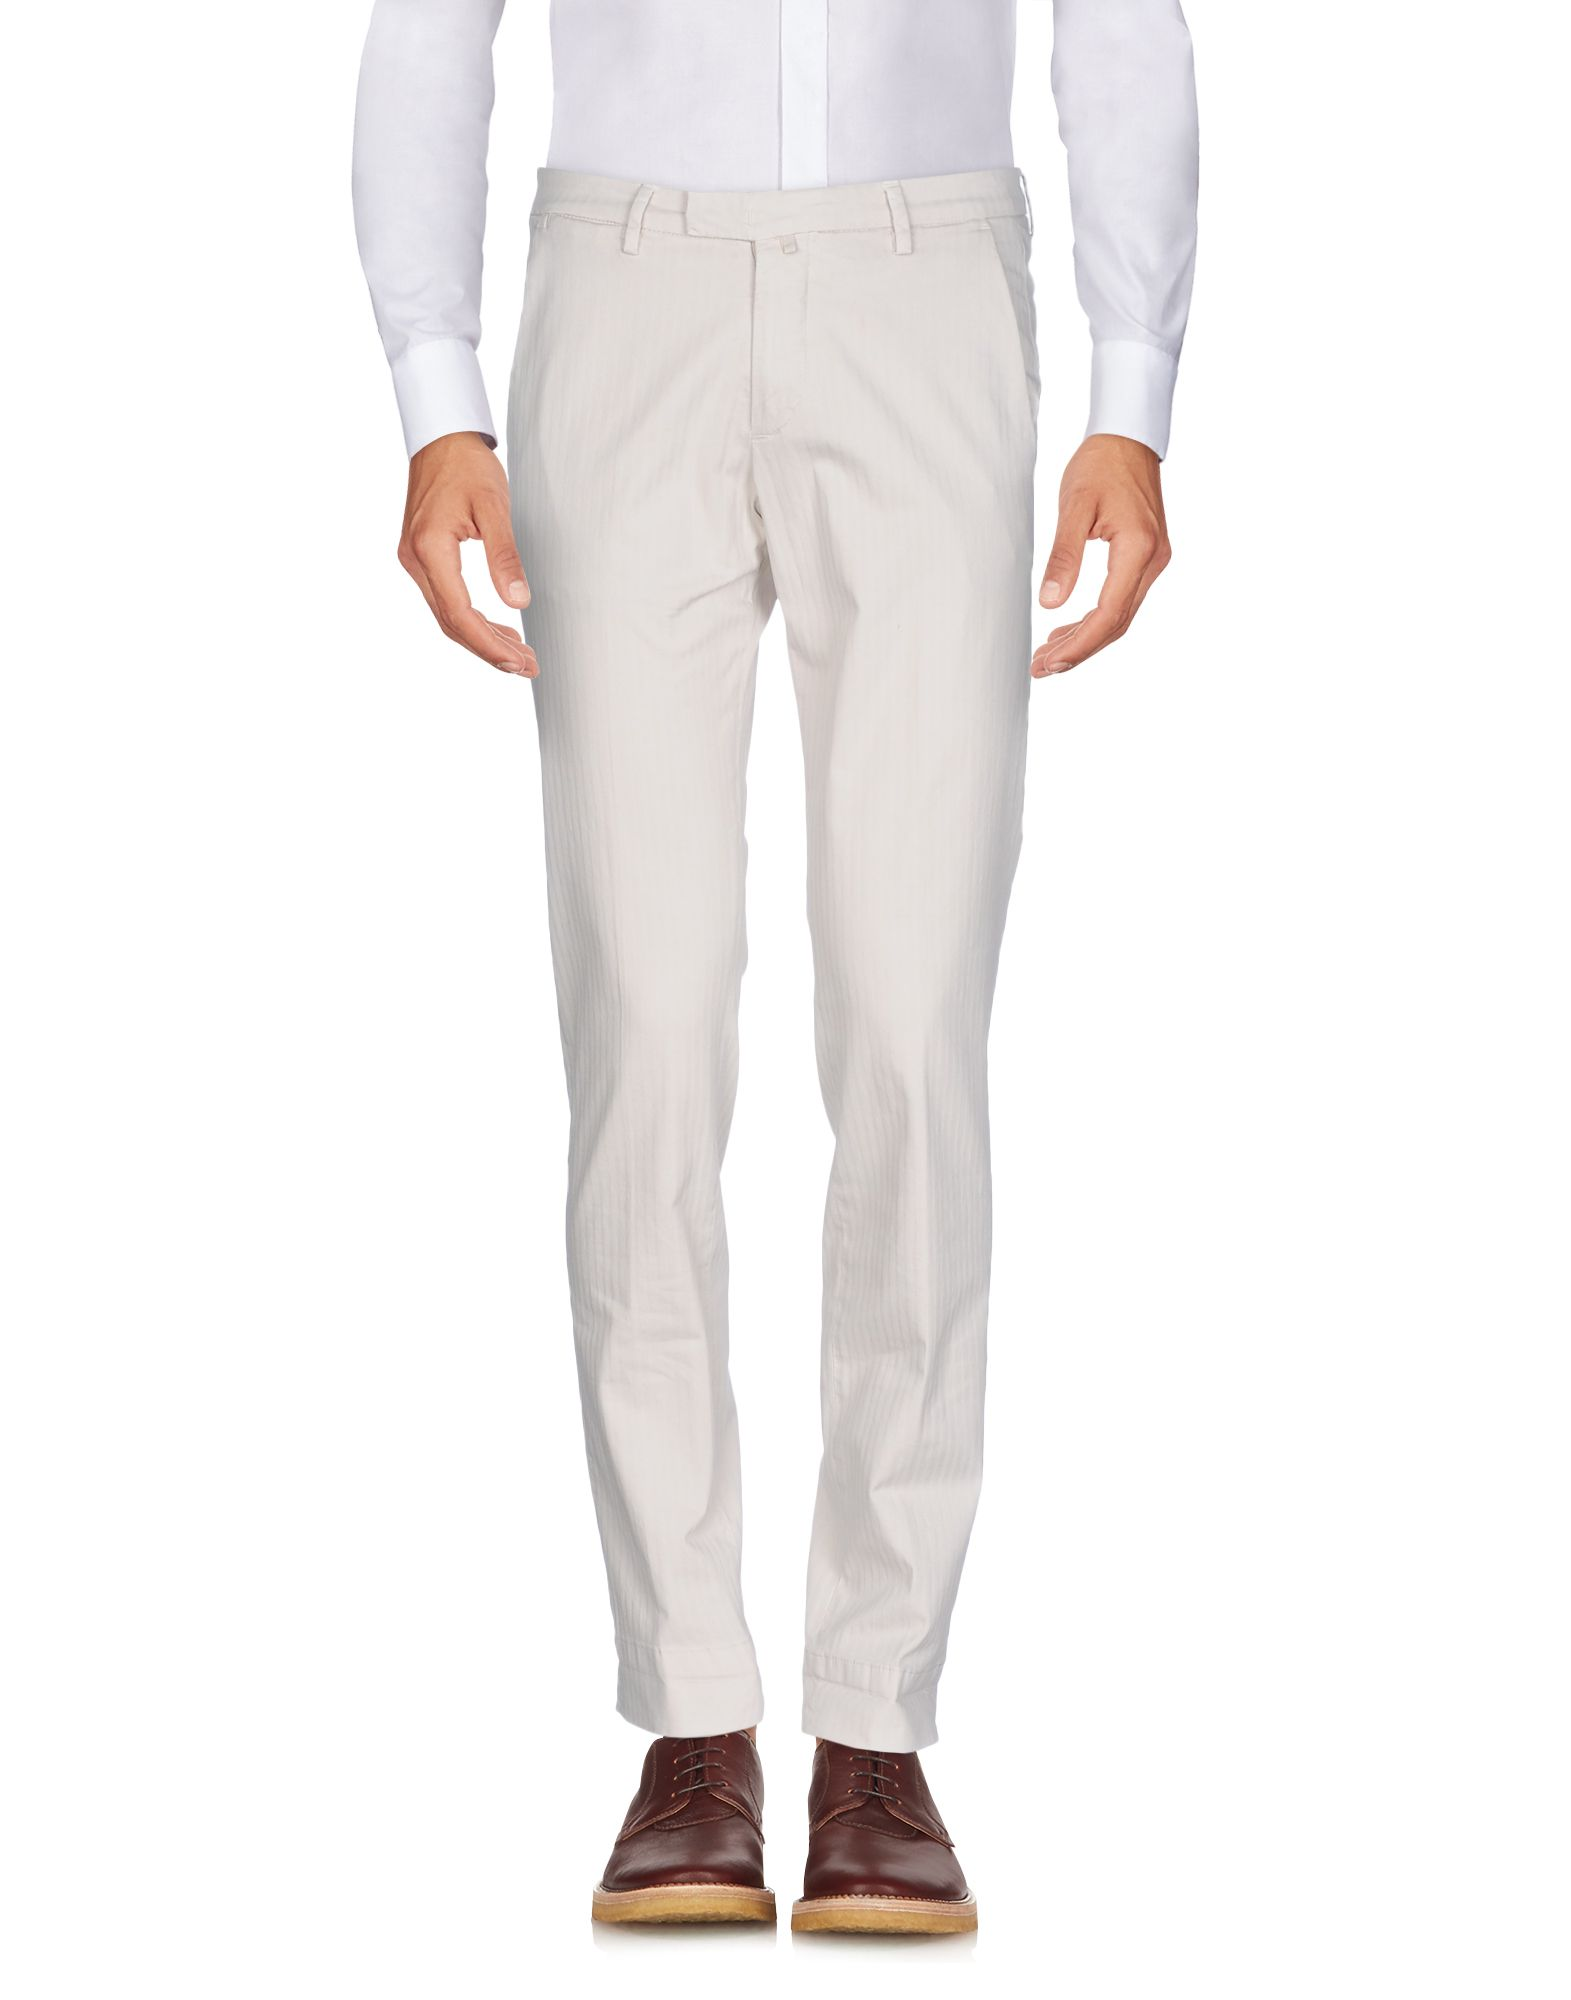 Pantalone Briglia 1949 1949 Briglia Uomo - 13117860IA cfb1f7